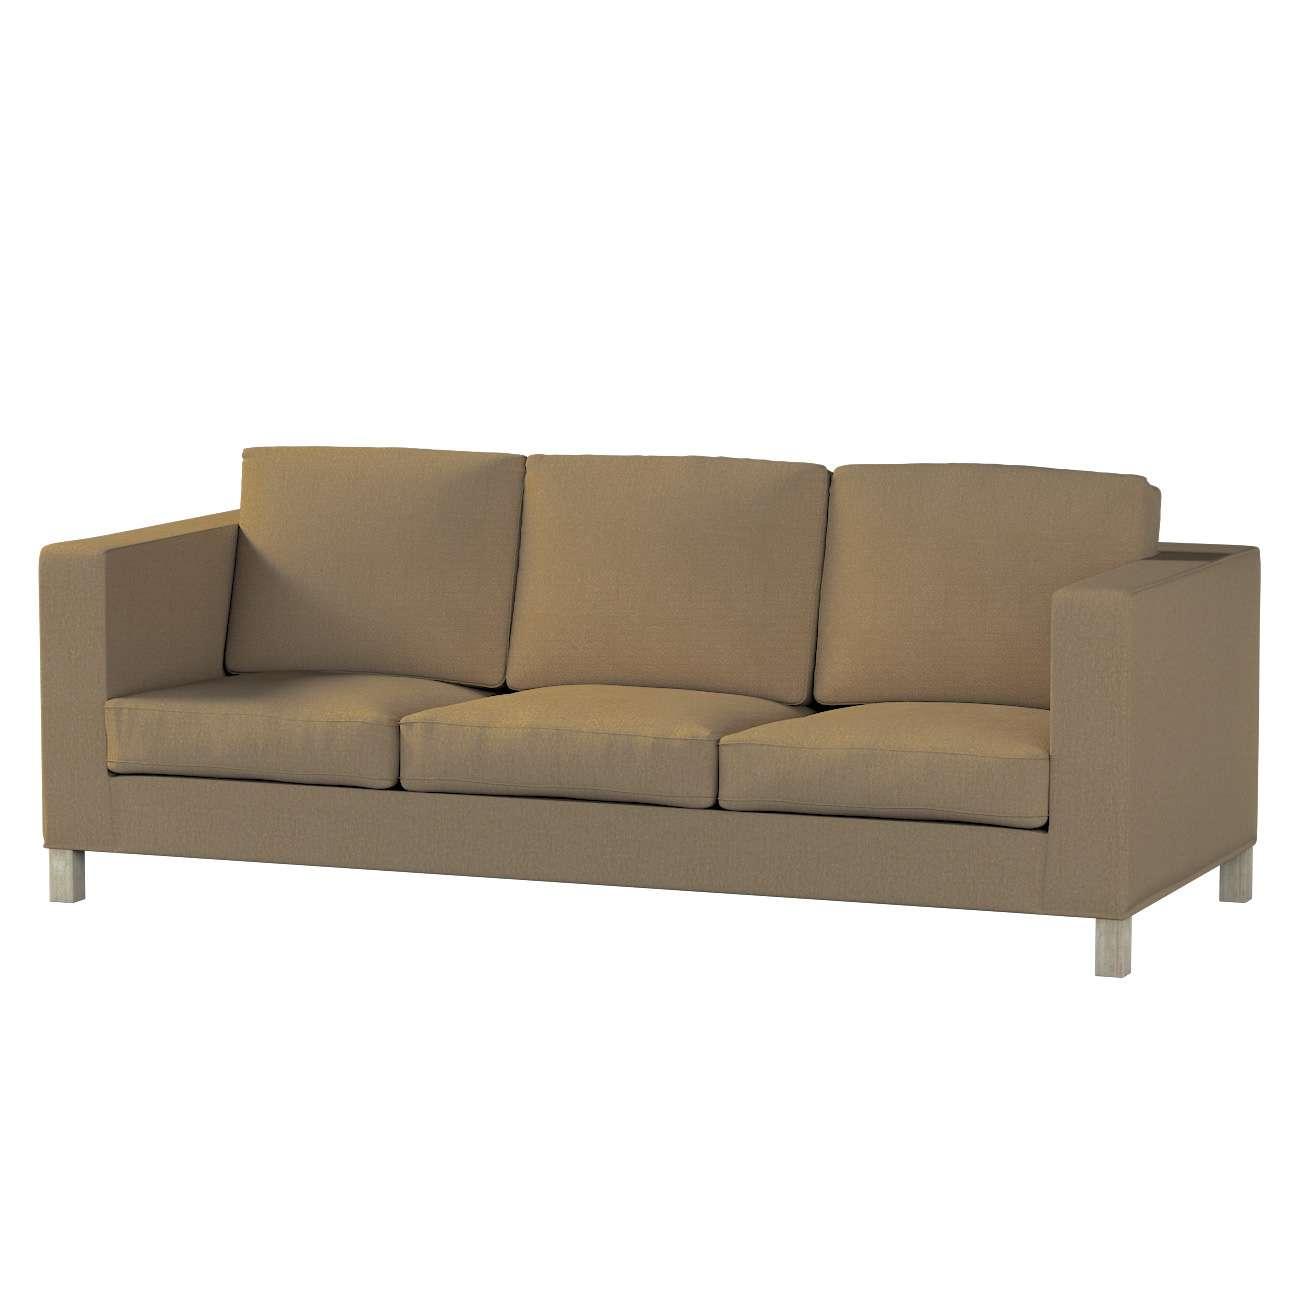 KARLANDA trivietės sofos užvalkalas KARLANDA trivietės sofos užvalkalas kolekcijoje Chenille, audinys: 702-21